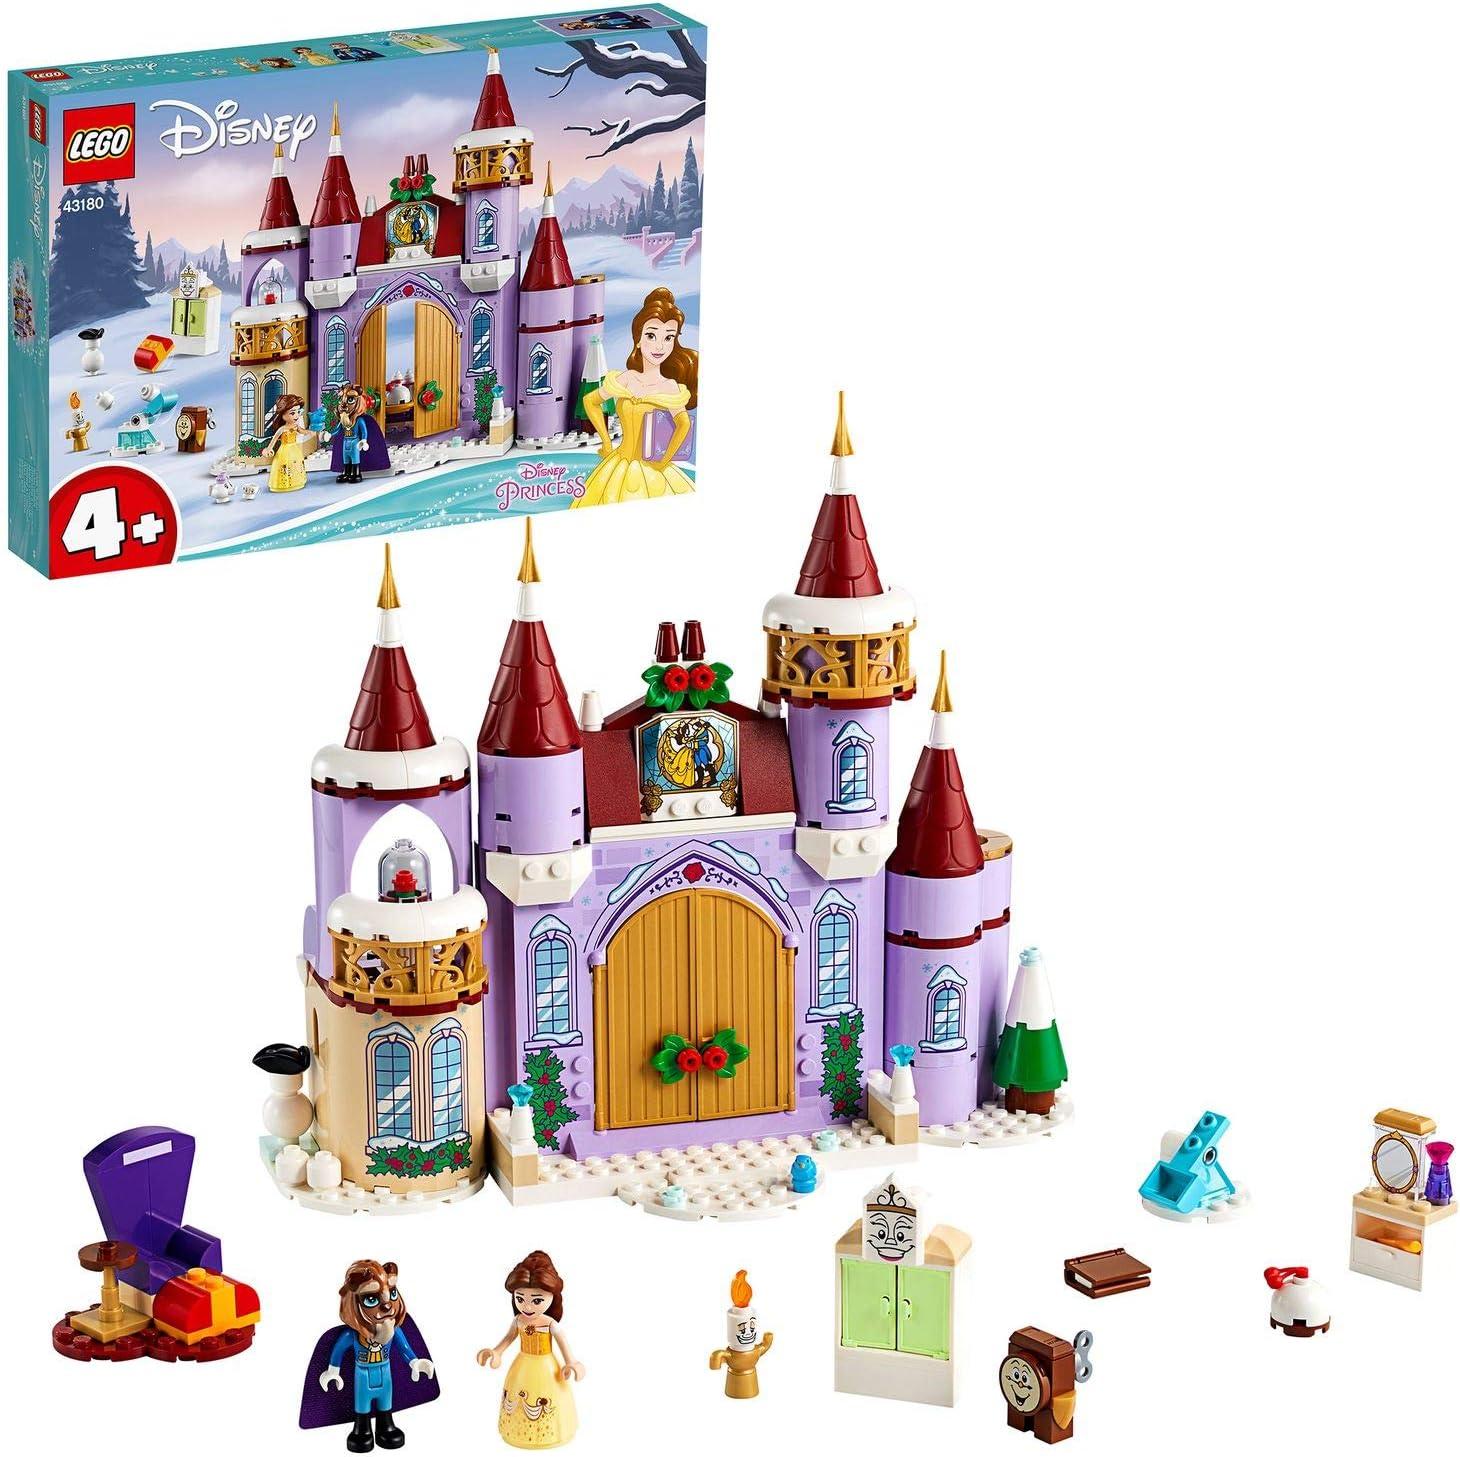 Disney Princess Celebración Invernal en el Castillo, Juguete de La Bella y la Bestiapara Niños de Prescolar 4+, multicolor (Lego ES 43180)